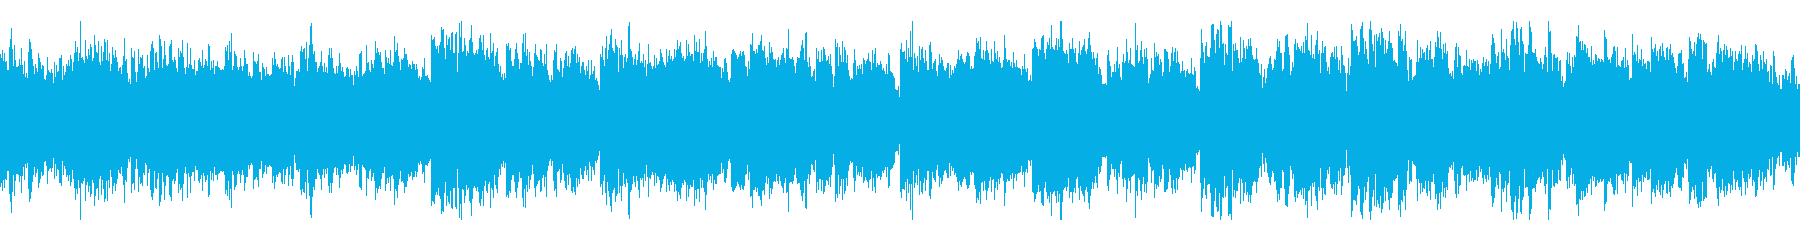 二胡/胡弓主体のepic風BGMの再生済みの波形